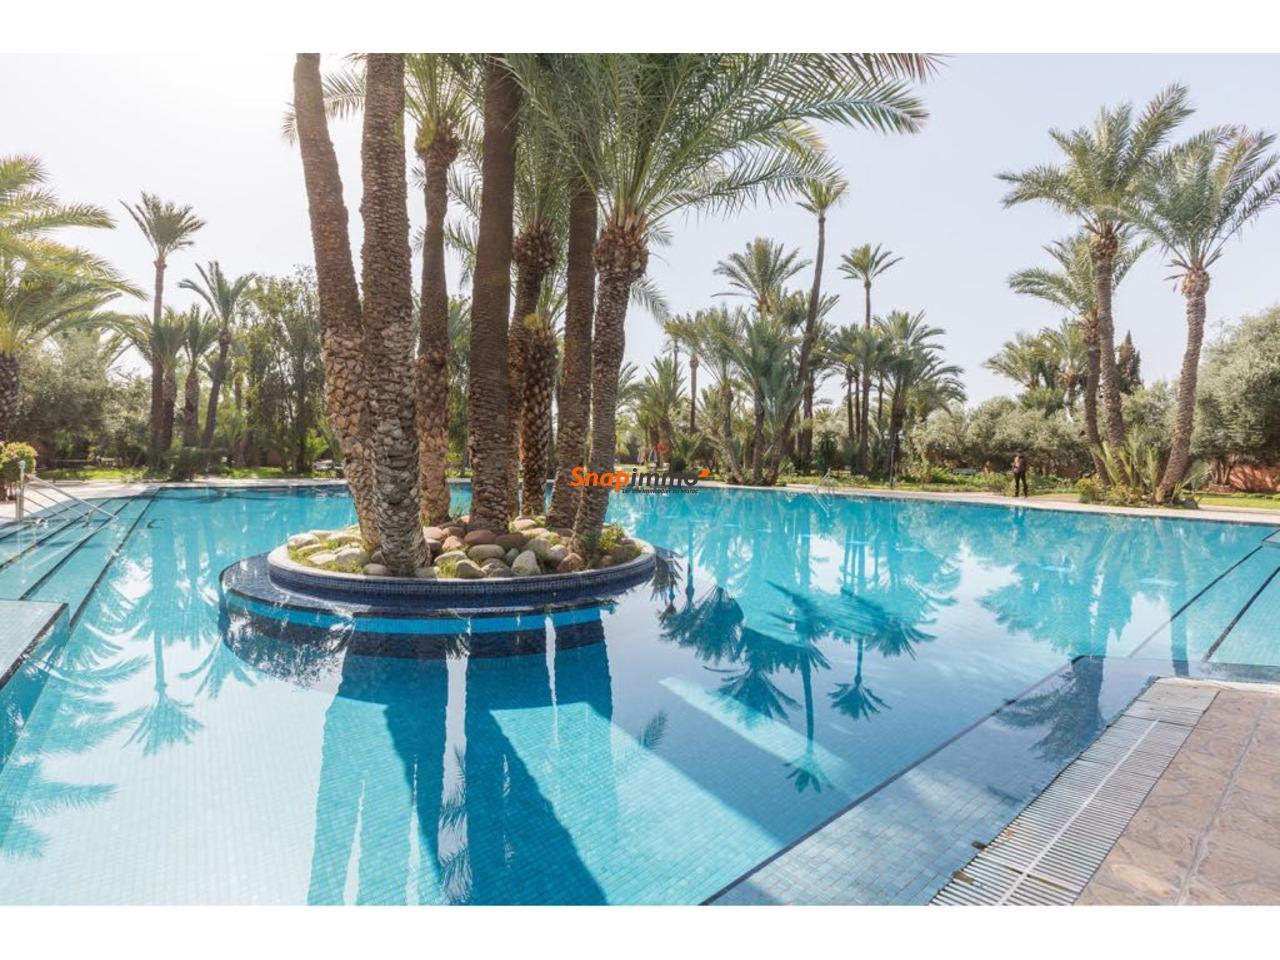 Appartement meublé avec piscine :Palmeraie:Marrakech - 1/6